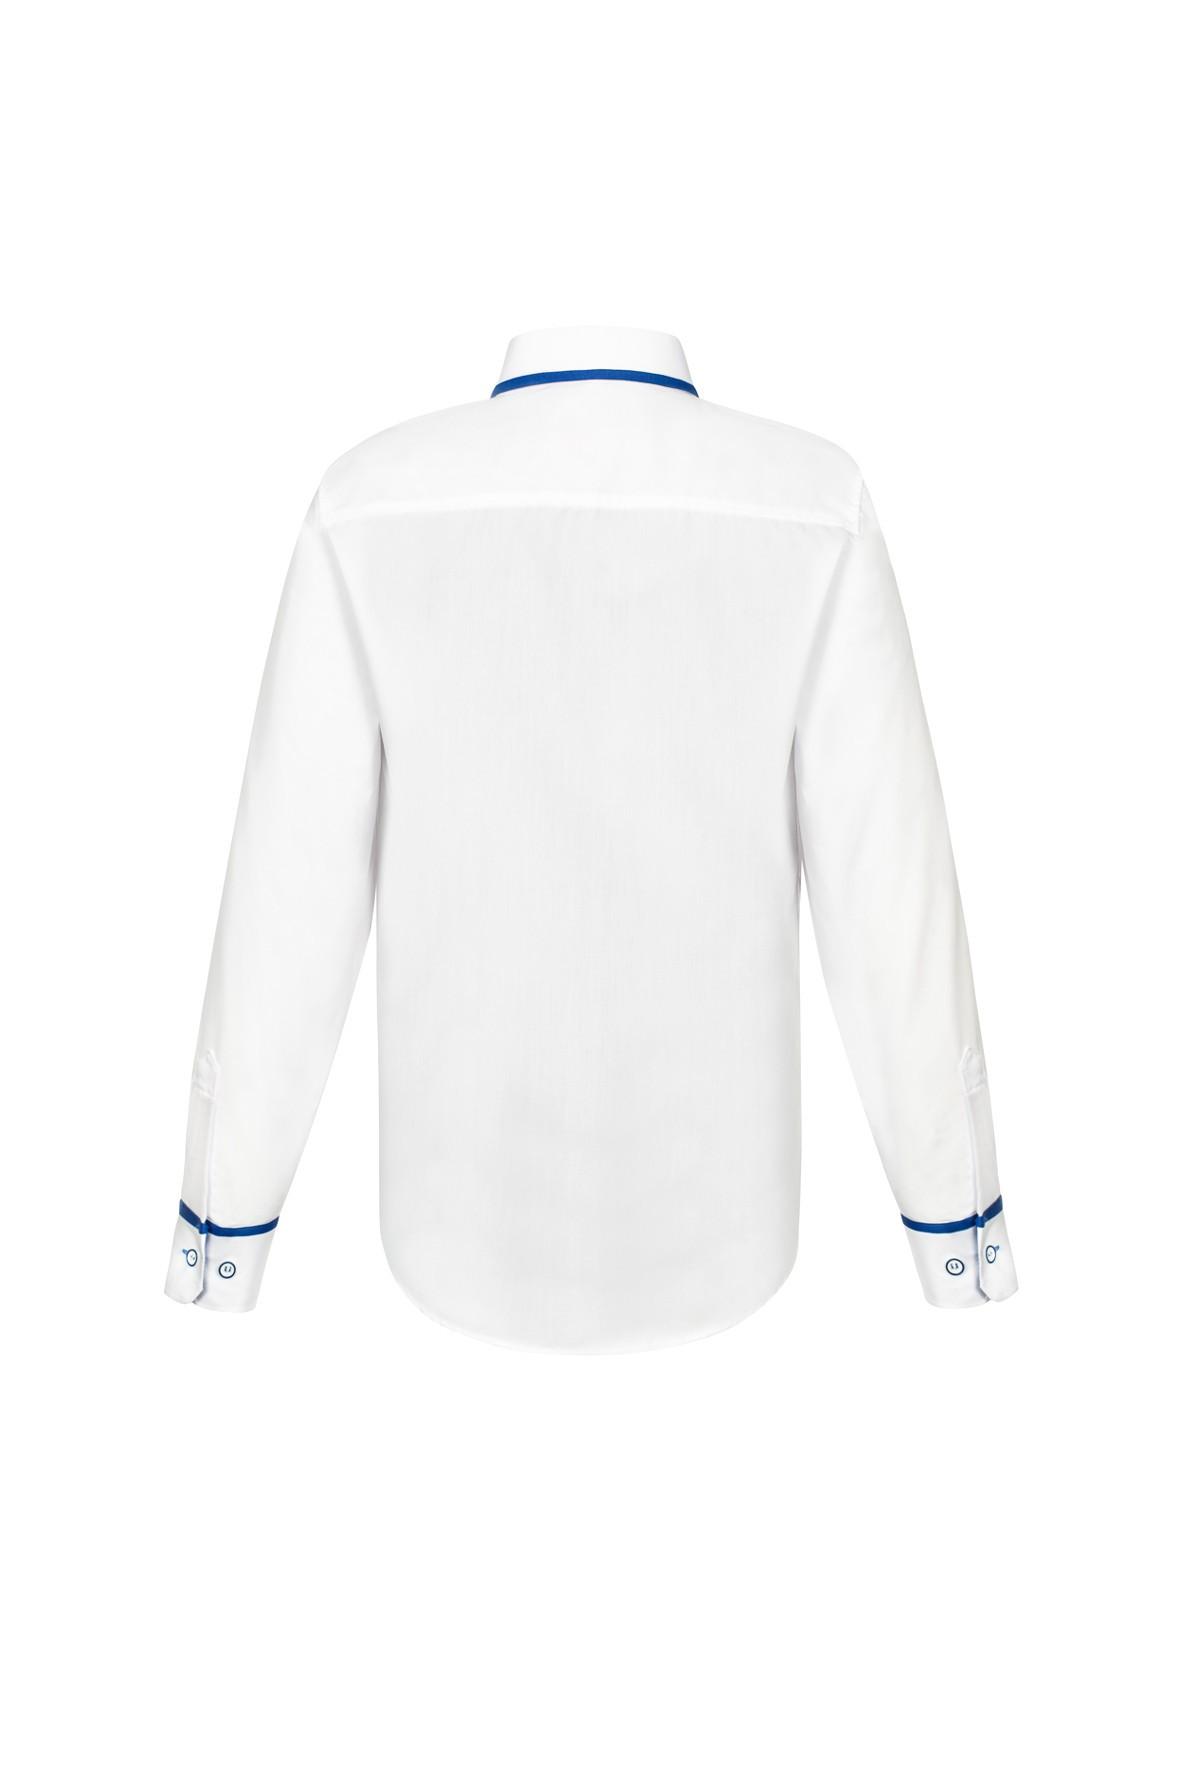 Koszula chłopięca długi rękaw 1J33A2 | Sklep 5.10.15  cHKKs